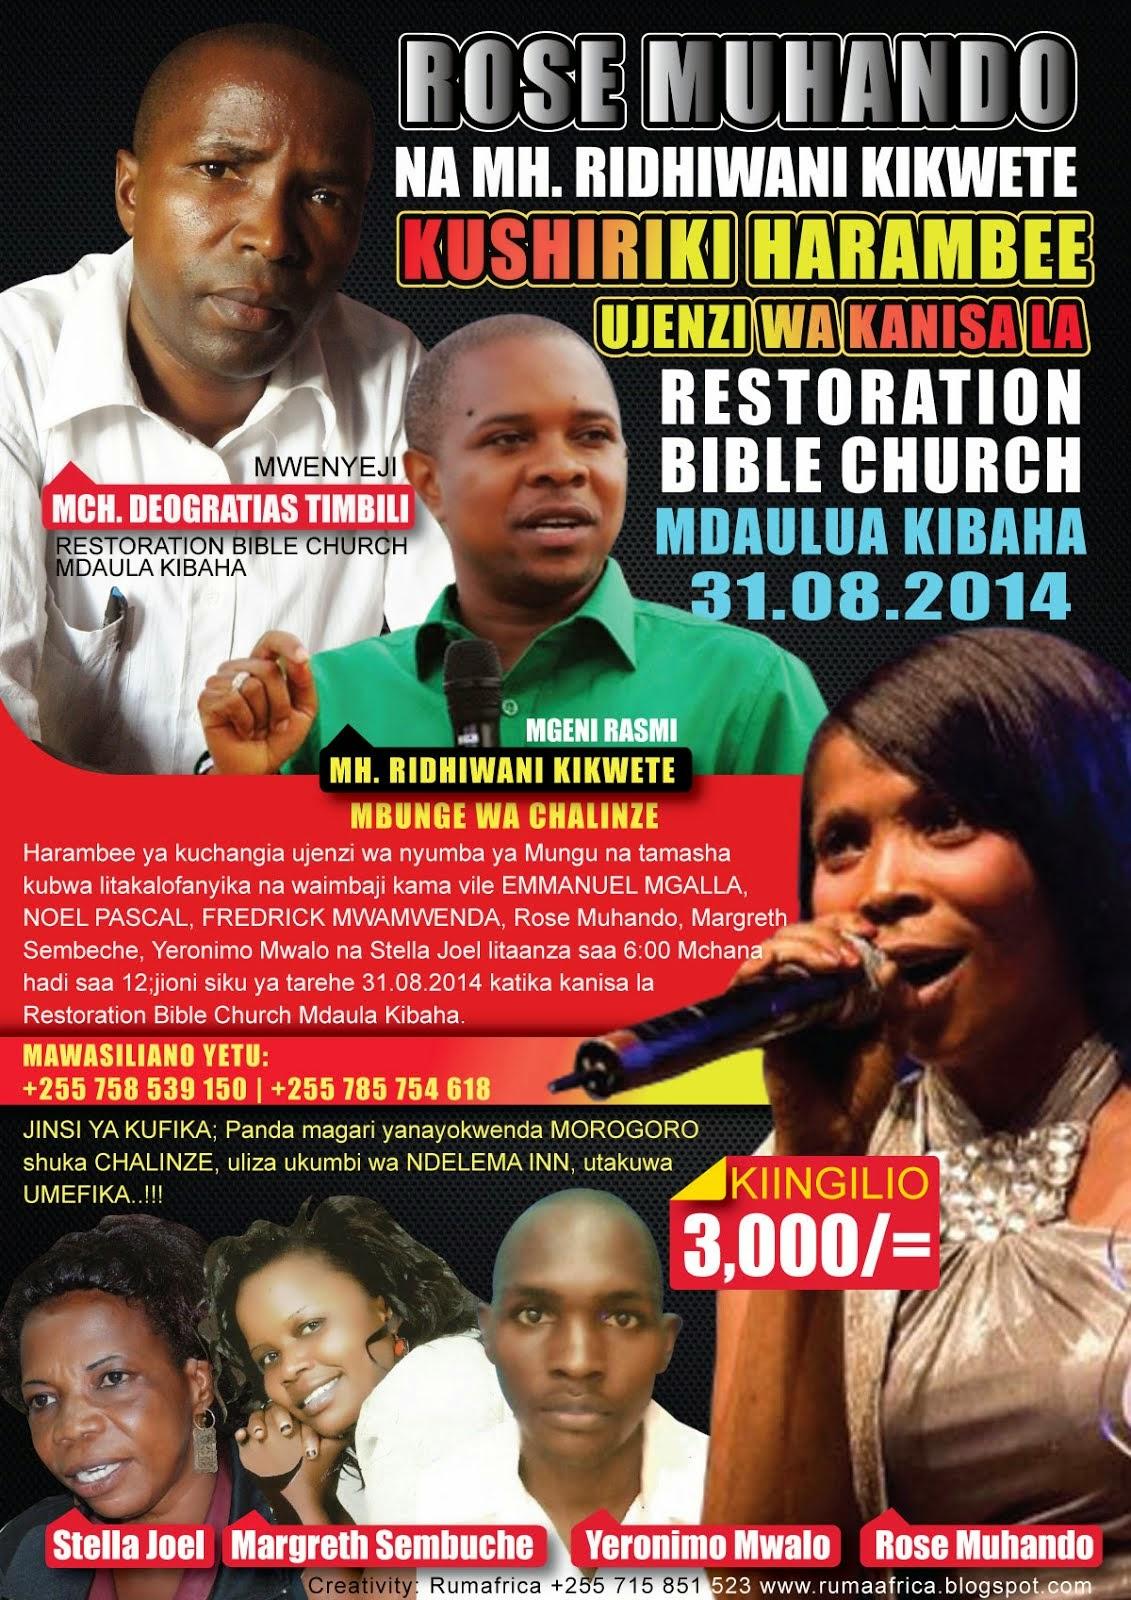 RESTORATION BIBLE CHURCH INAKUKARIBISHA KATIKA HARAMBEE YA UJENZI WA KANISA